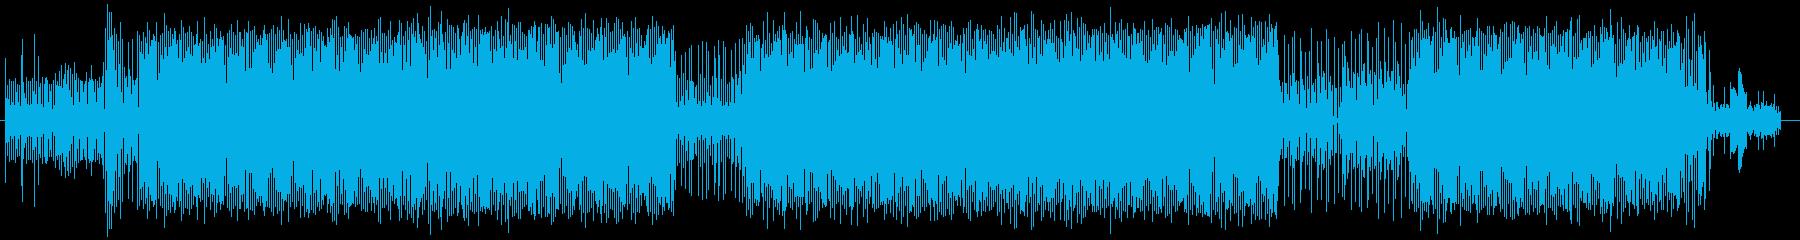 アップテンポなテクノBGMの再生済みの波形